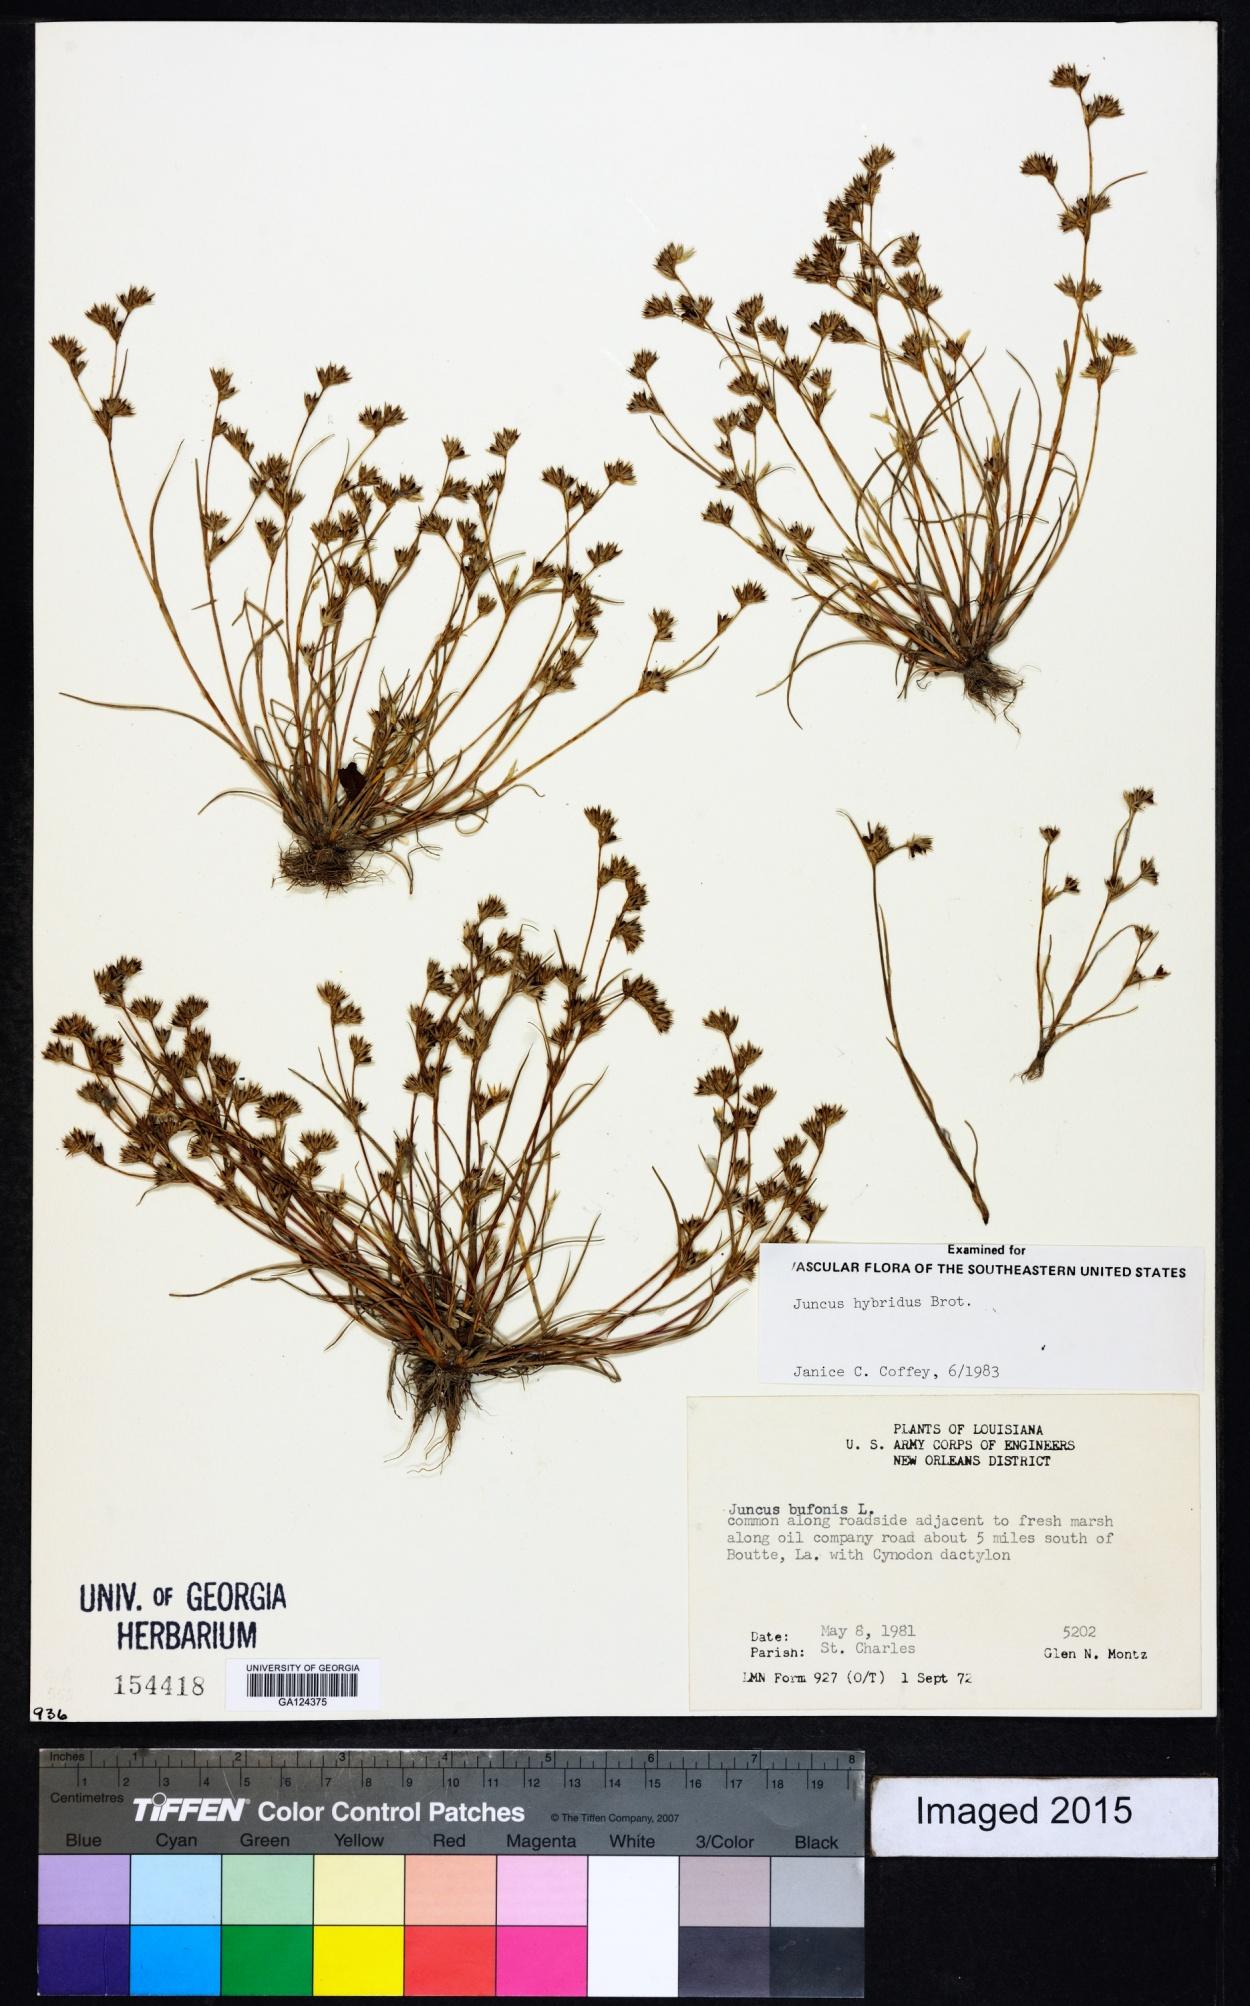 Juncus hybridus image